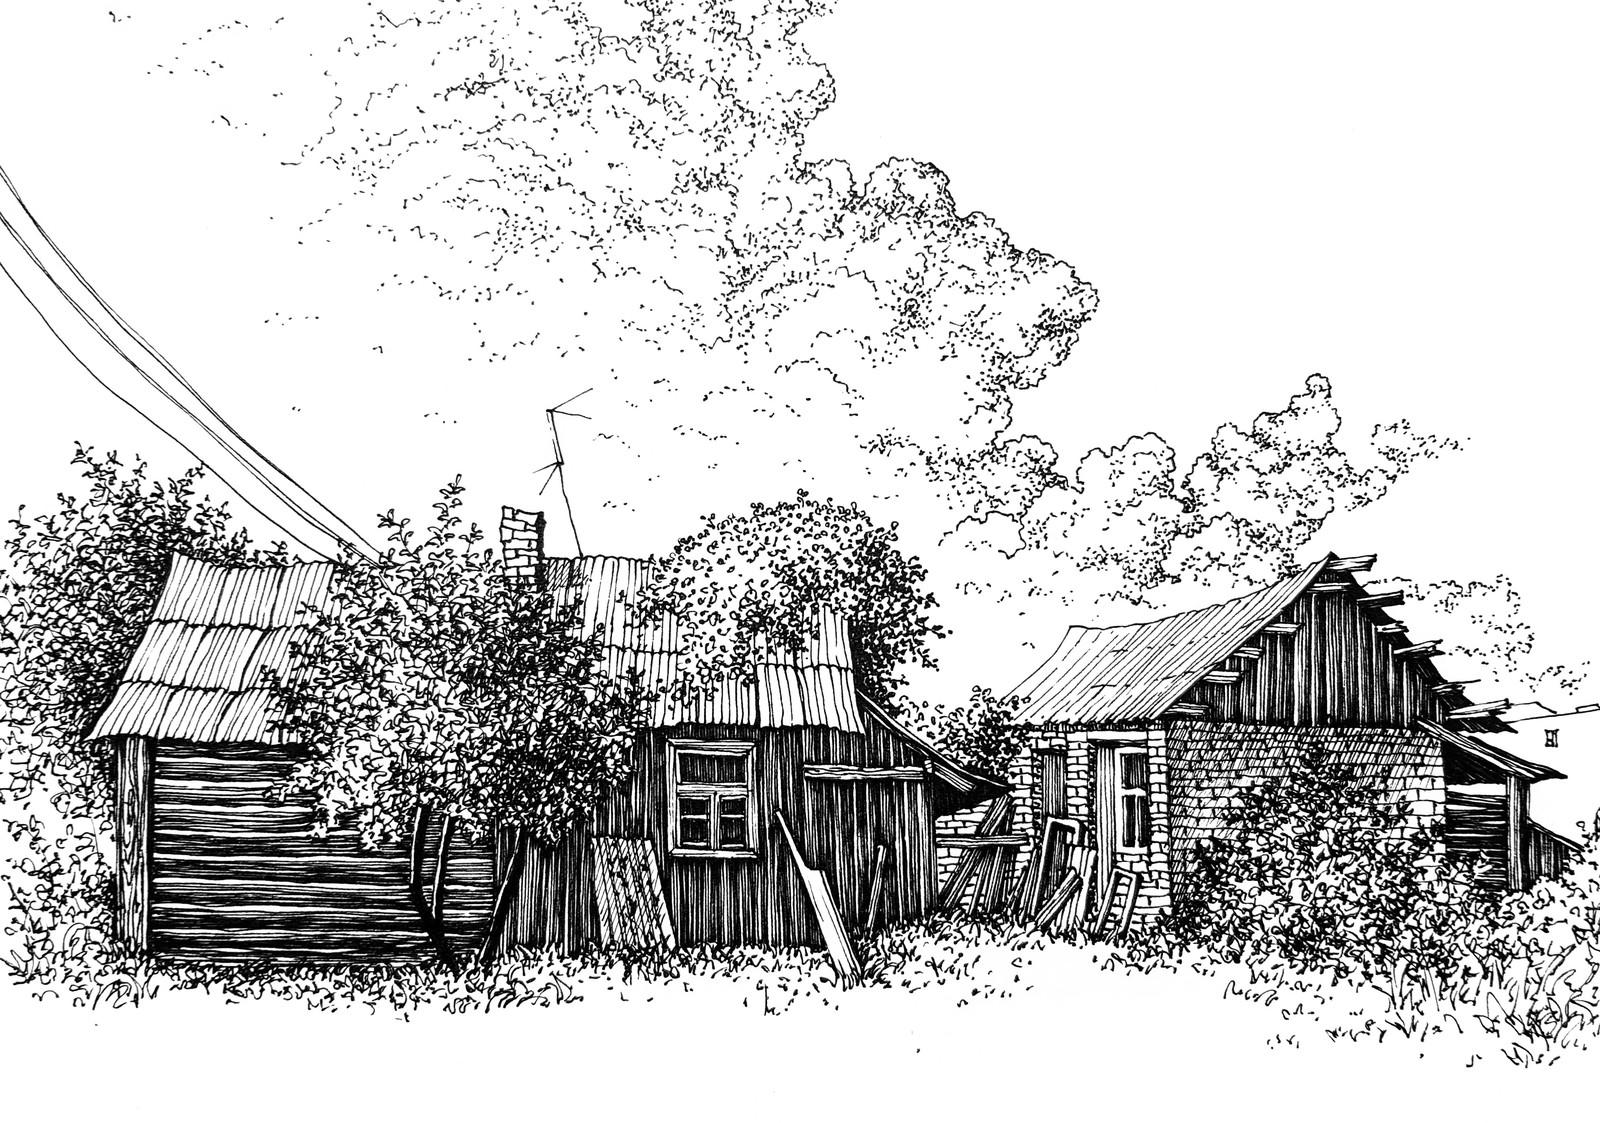 ефремова картинки лето в деревне карандашом как-то нам сделать